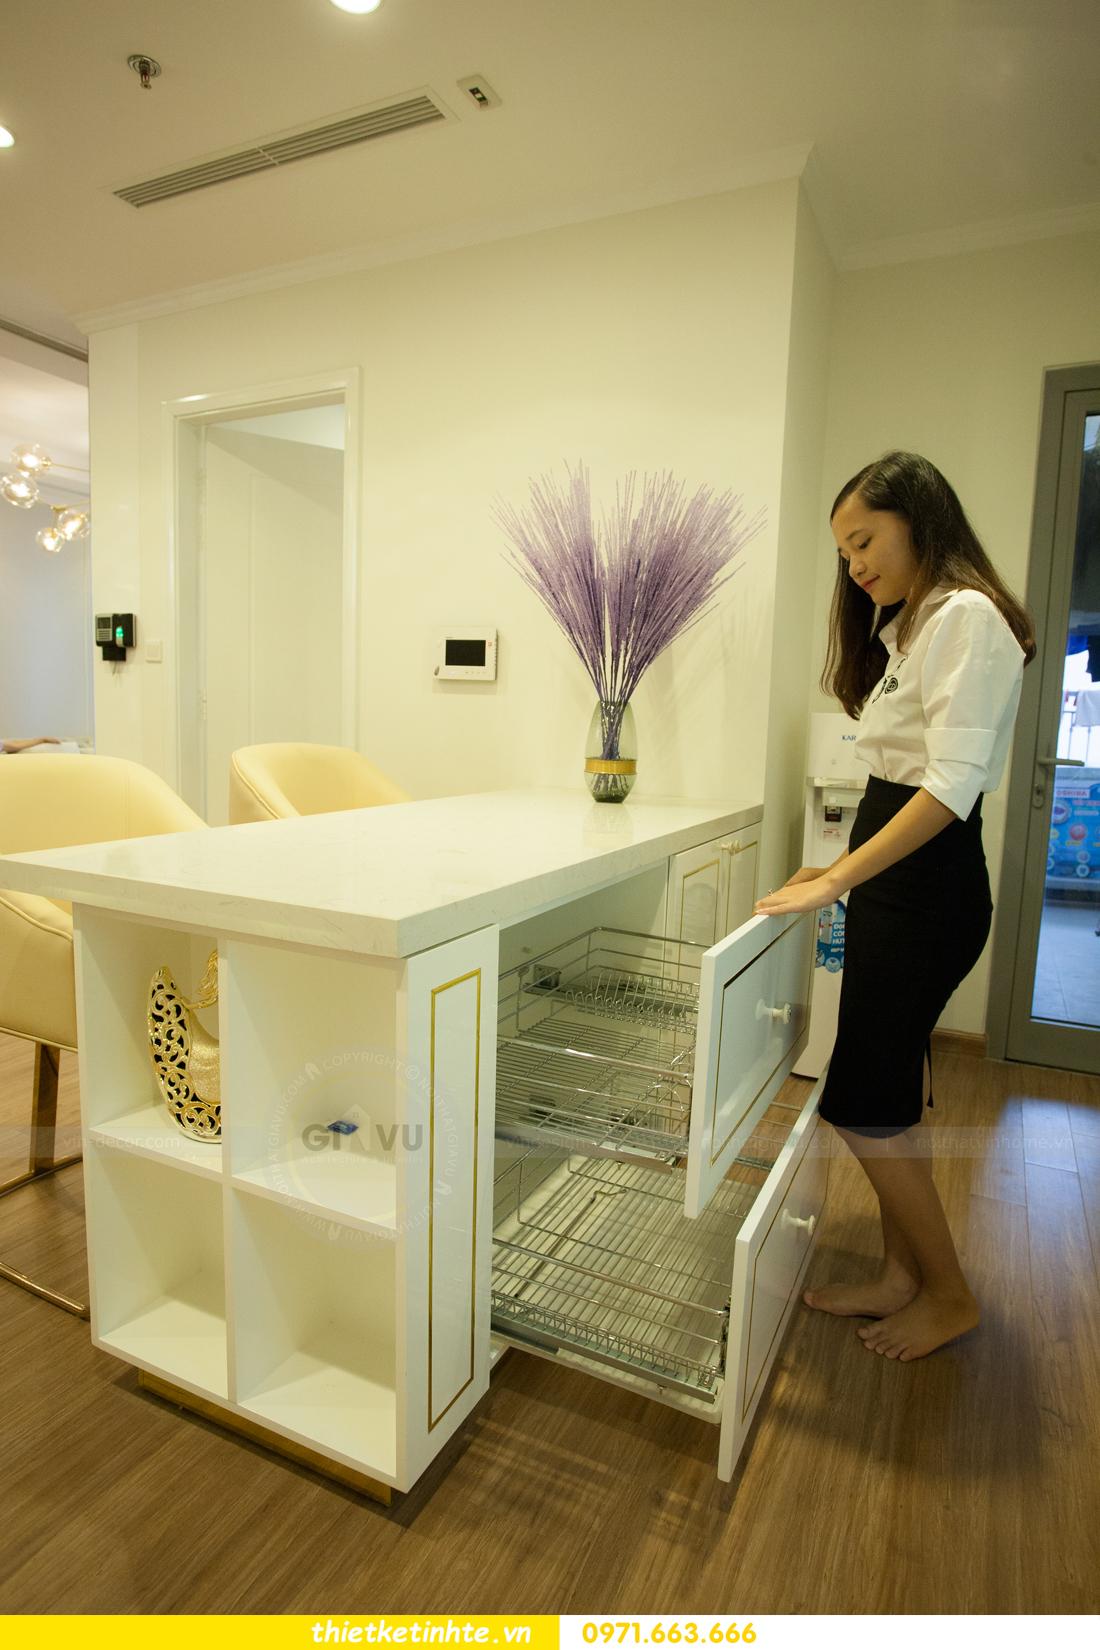 mẫu thiết kế nhà bếp chung cư đẹp, sang trọng, tiện nghi 13